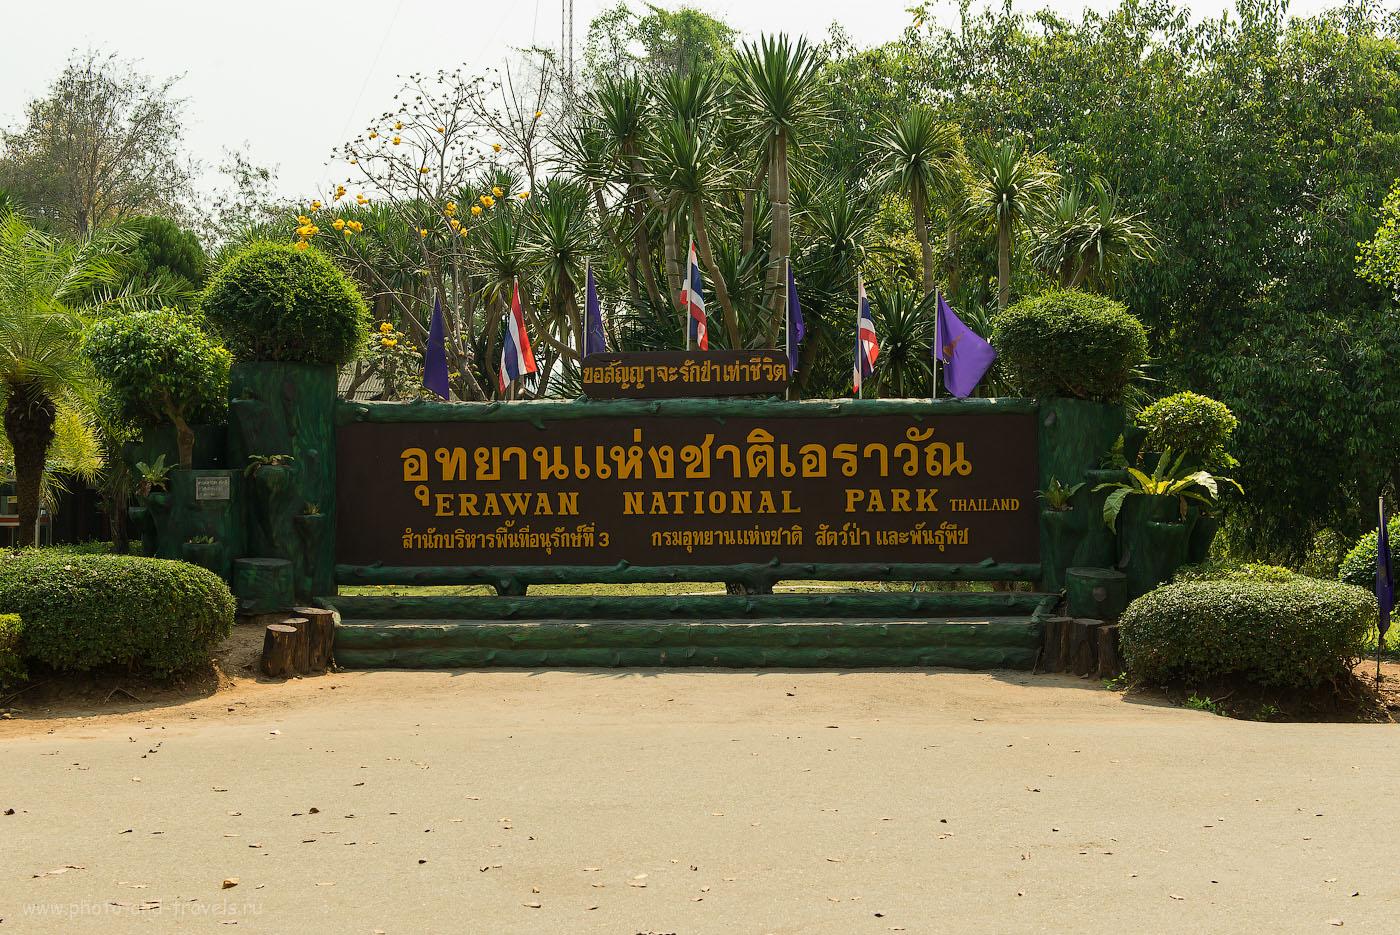 Фото 16. Прощаемся с национальным парком Эраван. Наш тур по Таиланду за рулем арендованной машины подходит к концу. К вечеру доберемся в Бангкок